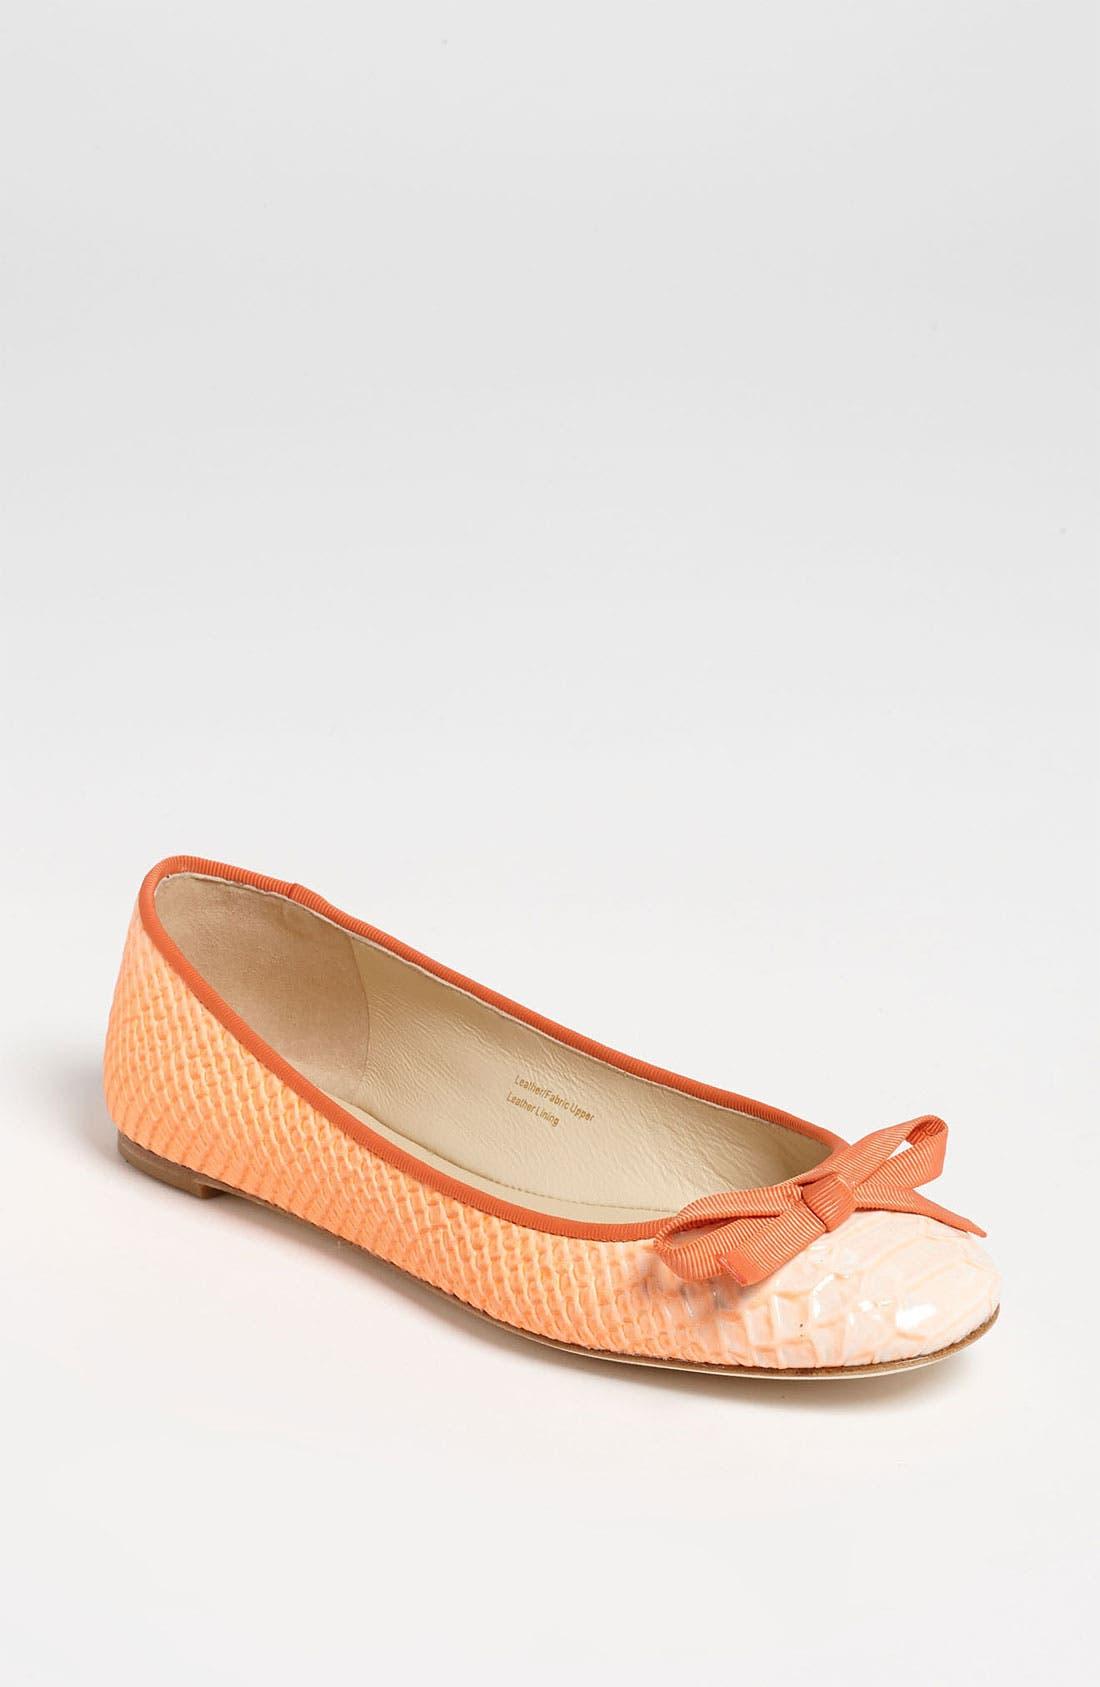 Main Image - Vera Wang Footwear 'Laetitia' Flat